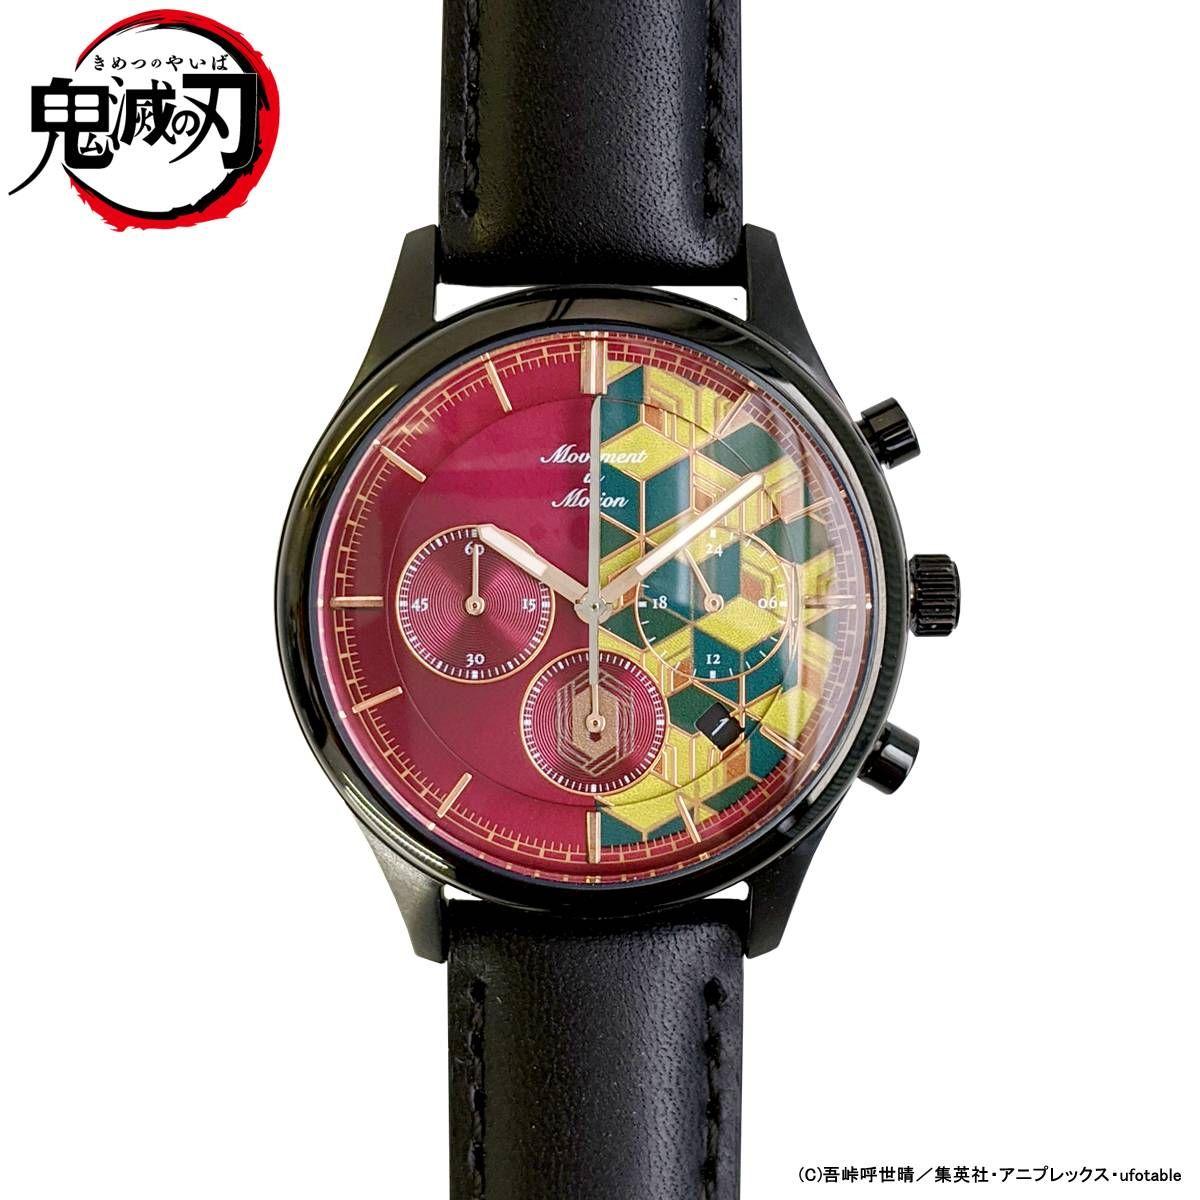 【限定販売】鬼滅の刃『TiCTACコラボレーションデザインウォッチ』腕時計-006